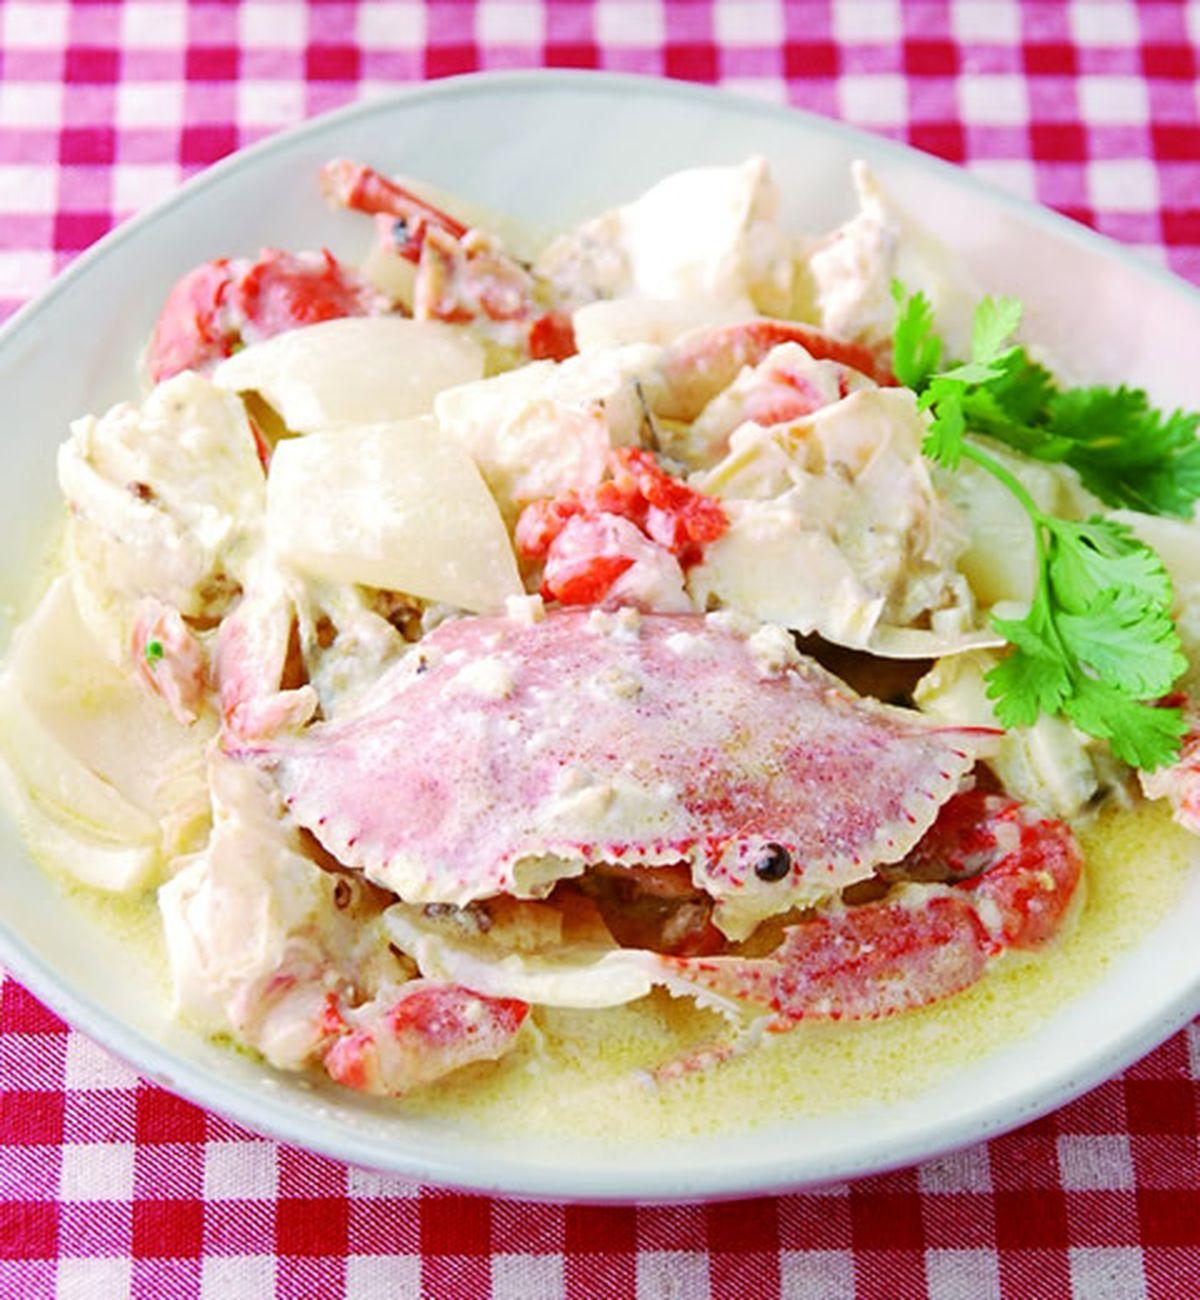 食譜:胡椒奶油蟹